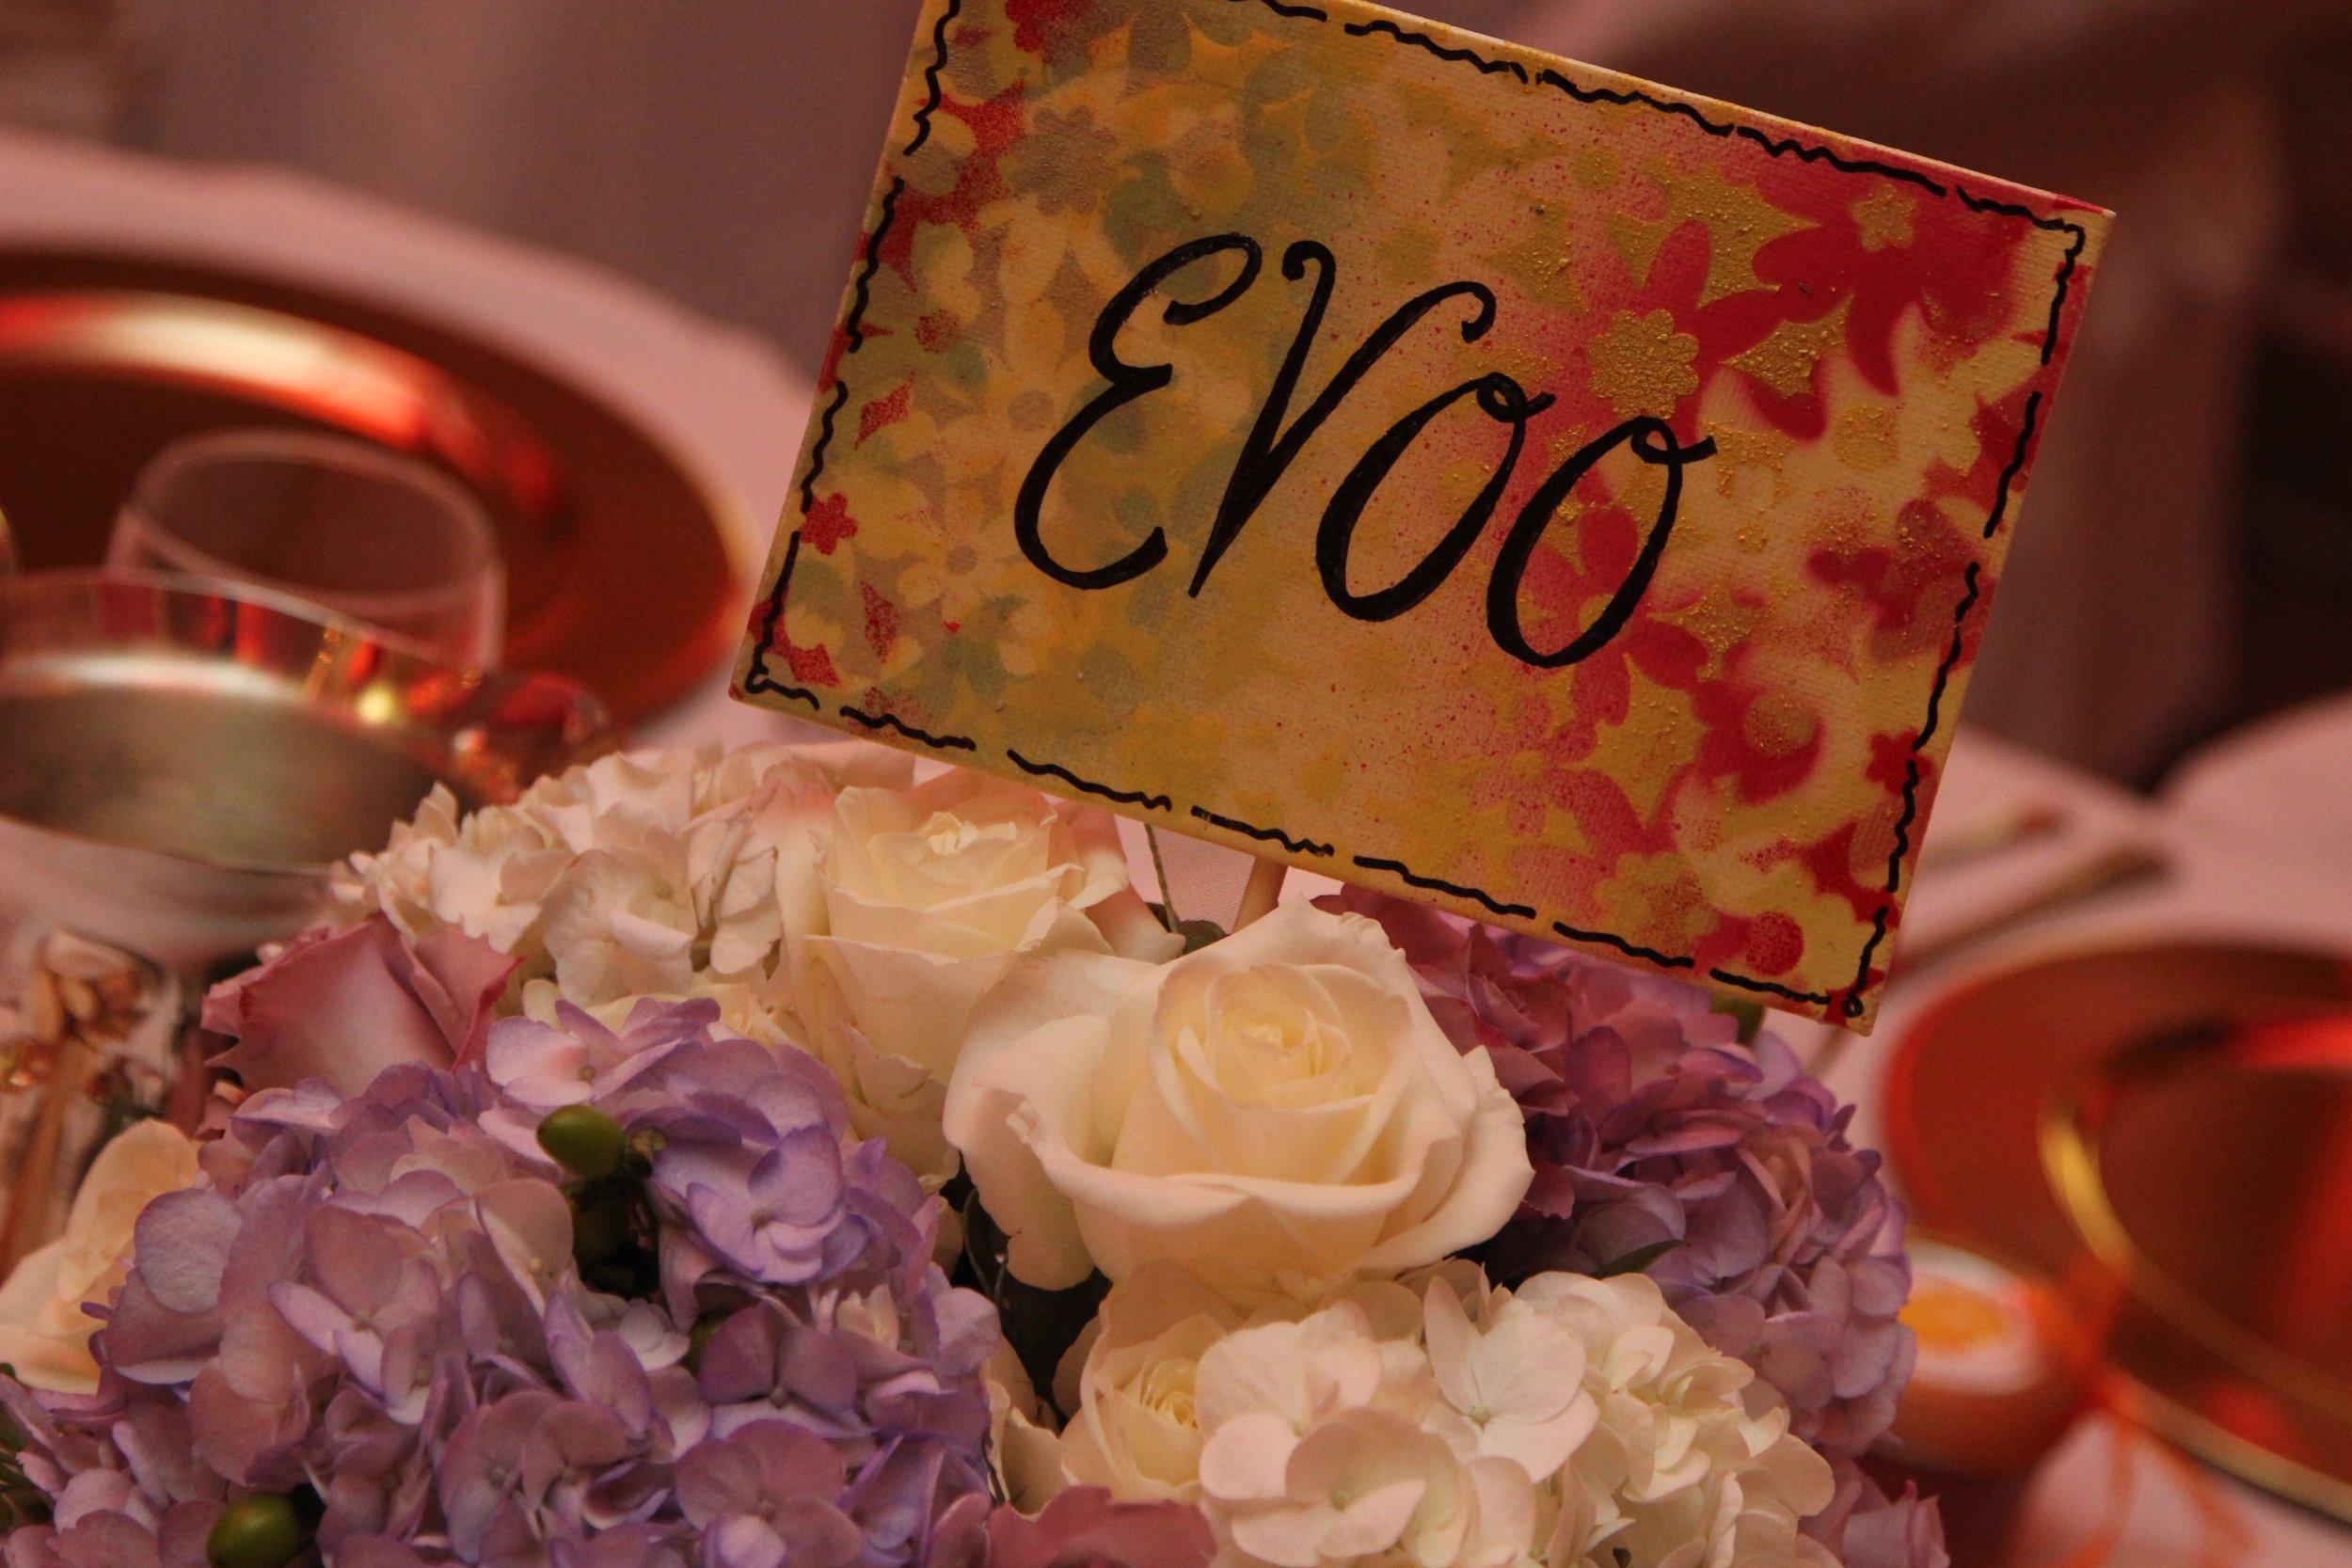 EVOO.jpg